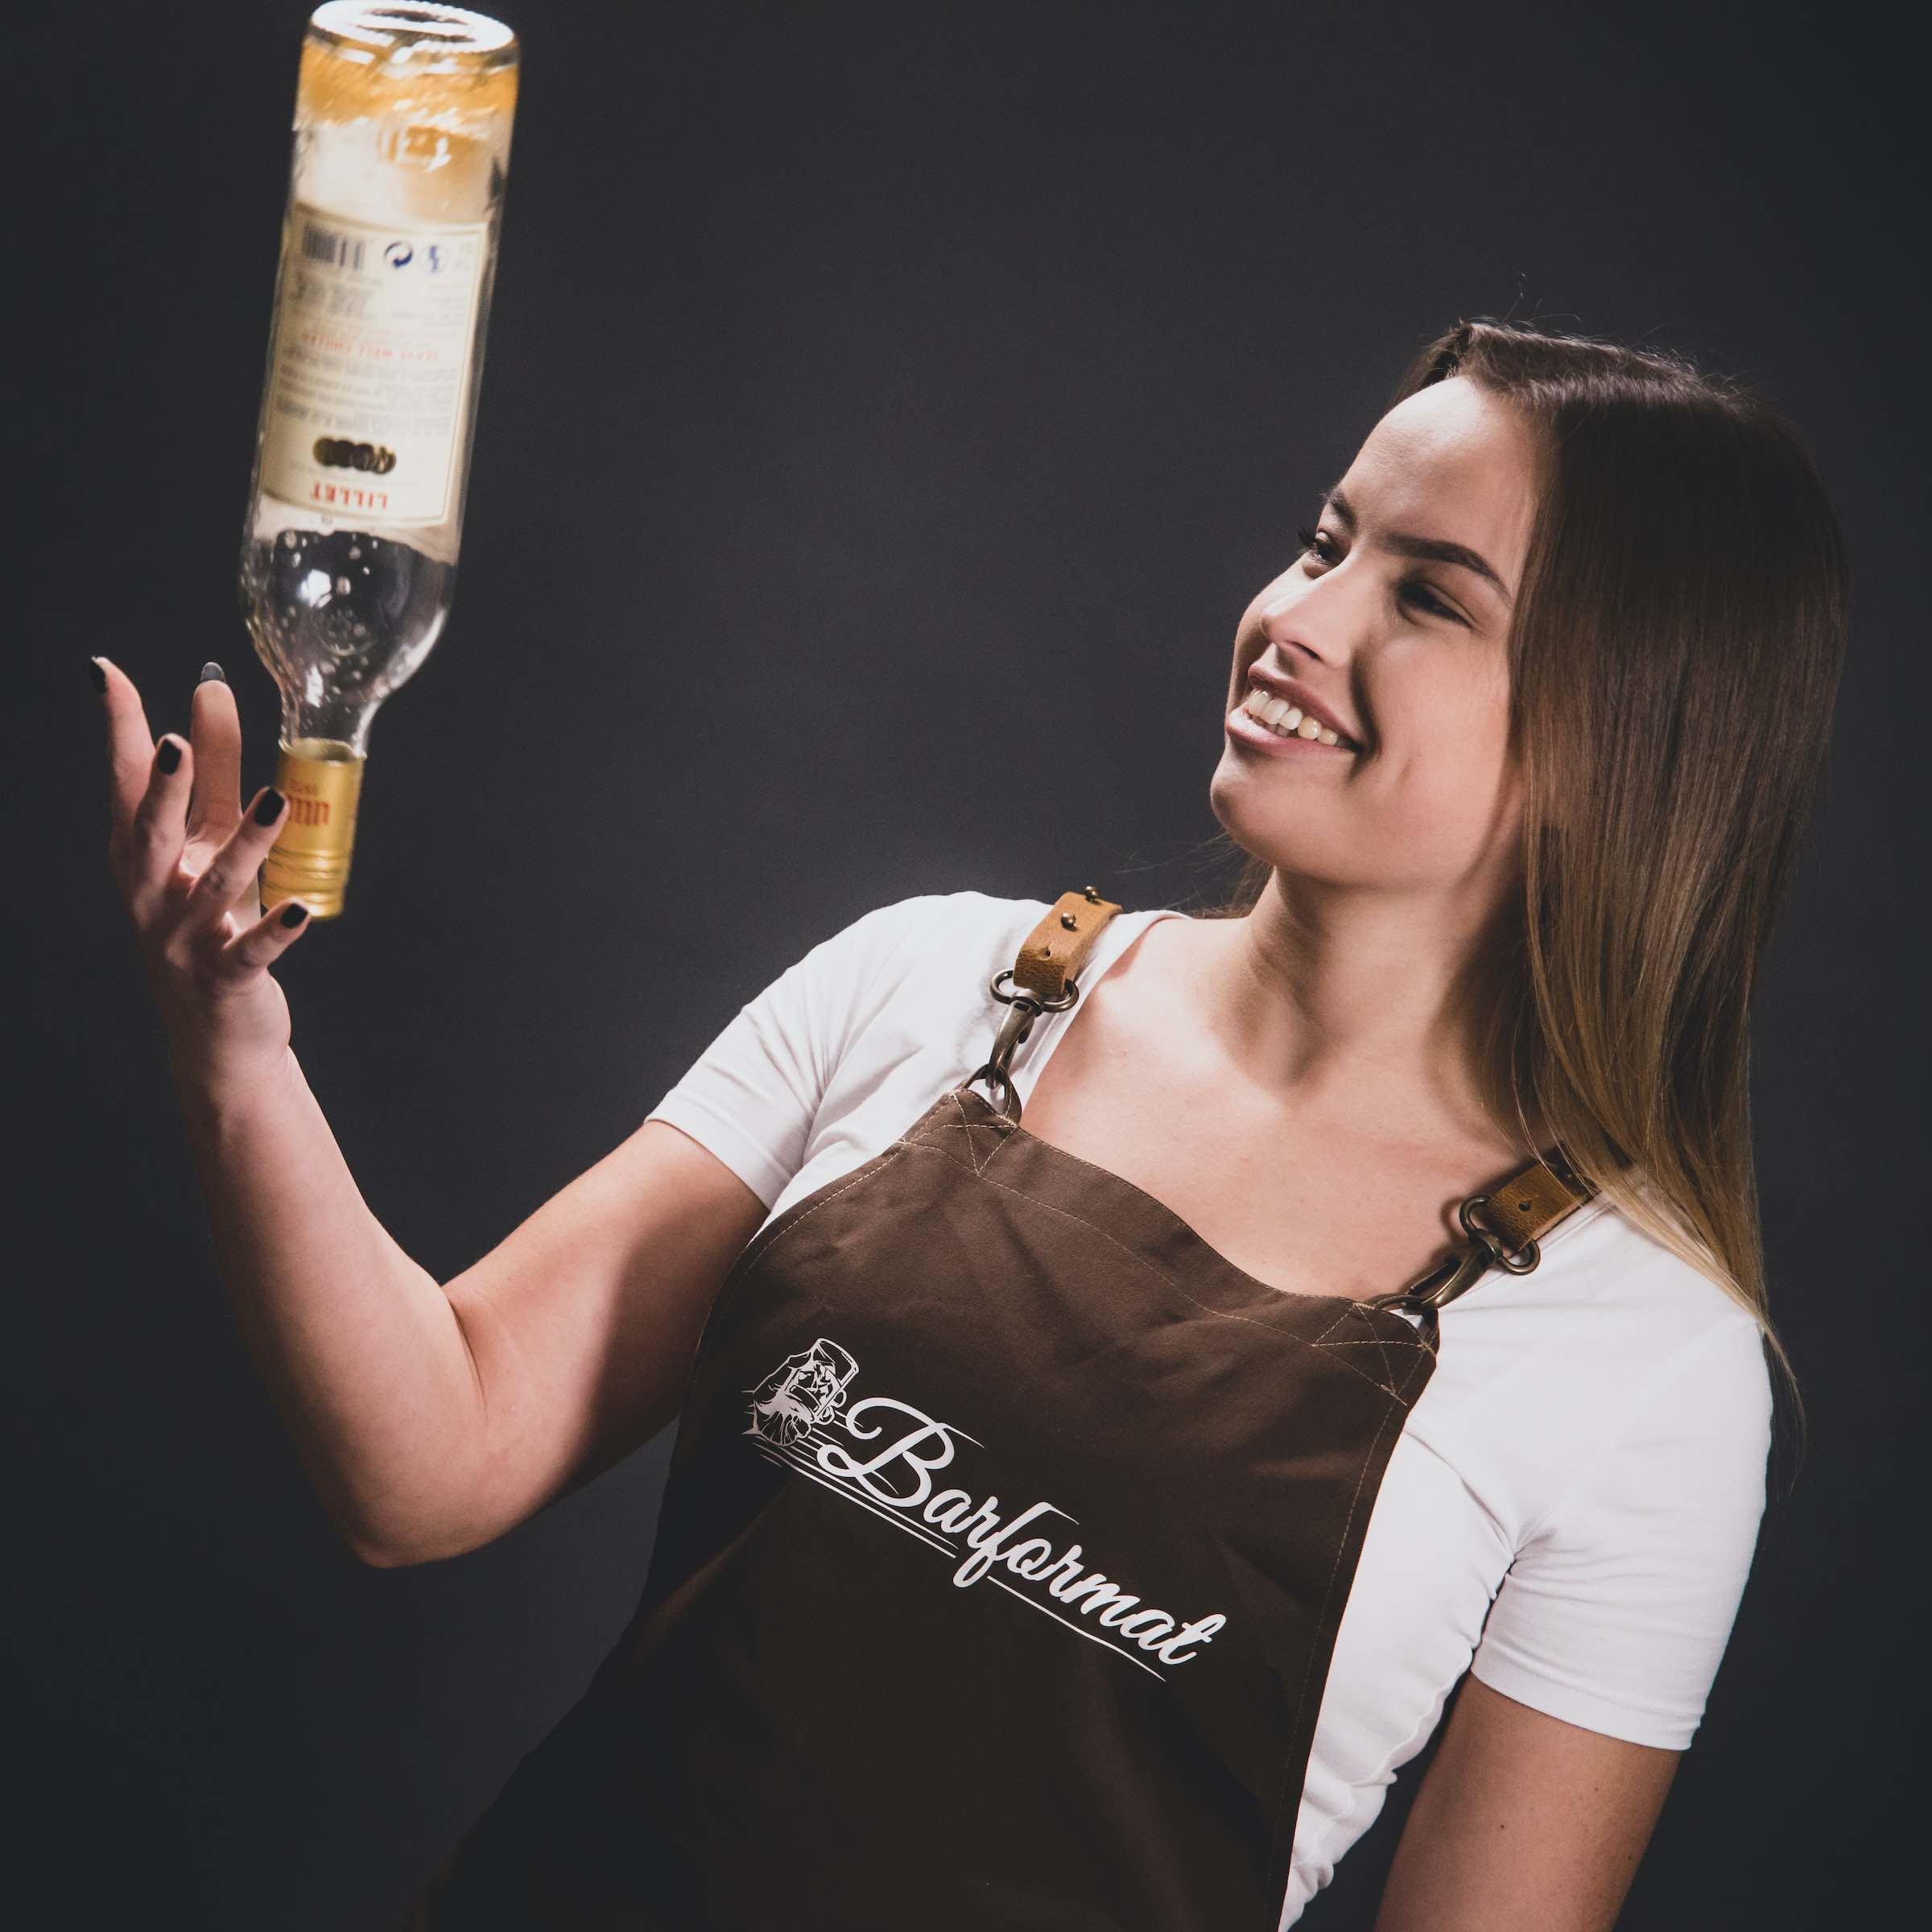 Mobile | Cocktailbar | Hochzeit | Sektempfang | Barkeeper | Buchen | Mieten | Geburtstag | Ape | VW | Bar | Foodtruck | Getränke | Catering | Ginbar | Weinbar | Sektbar | Kaffeebar | Messe | Cocktails